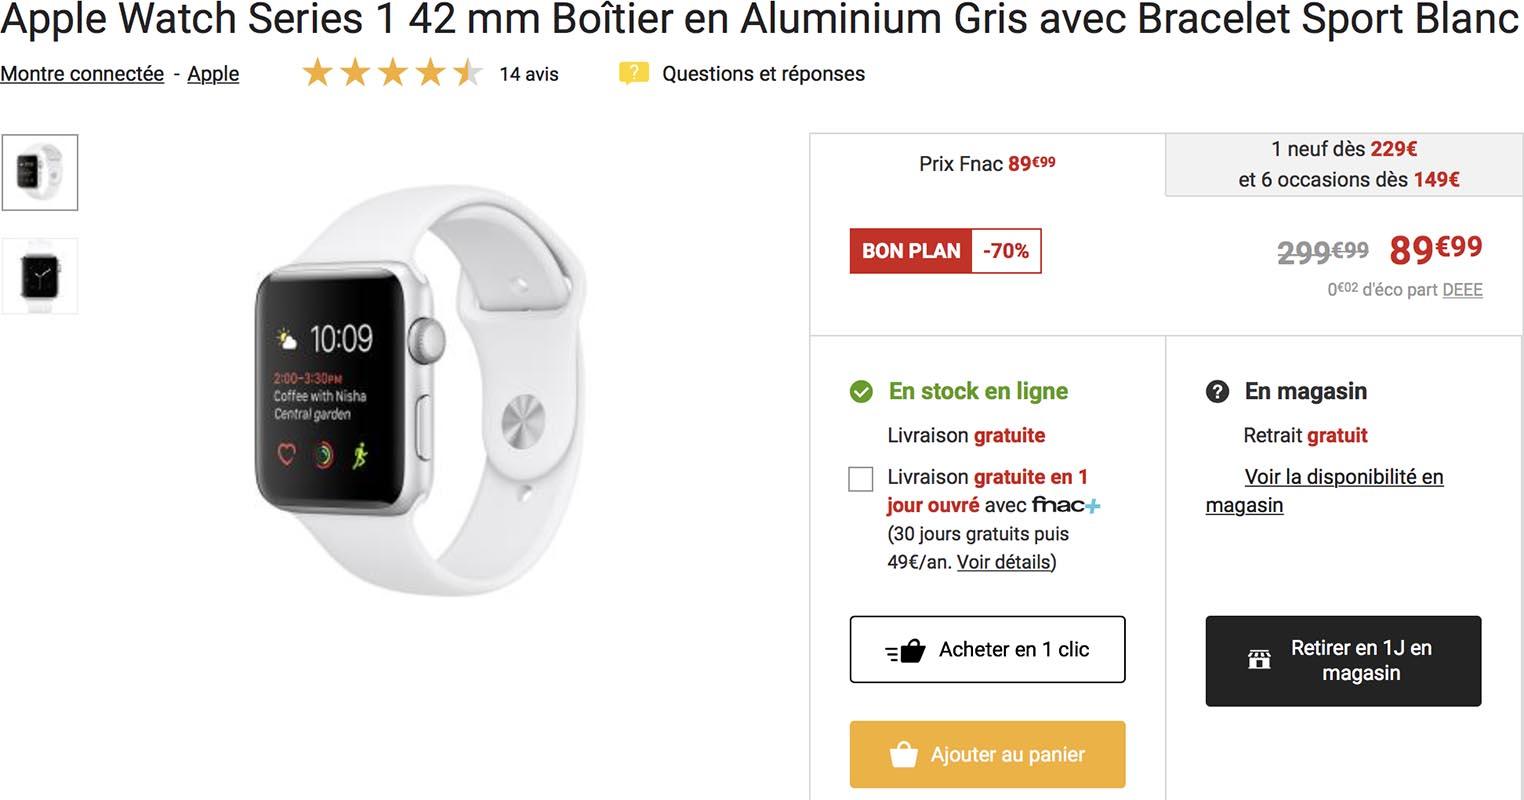 Apple Watch Series 1 Fnac